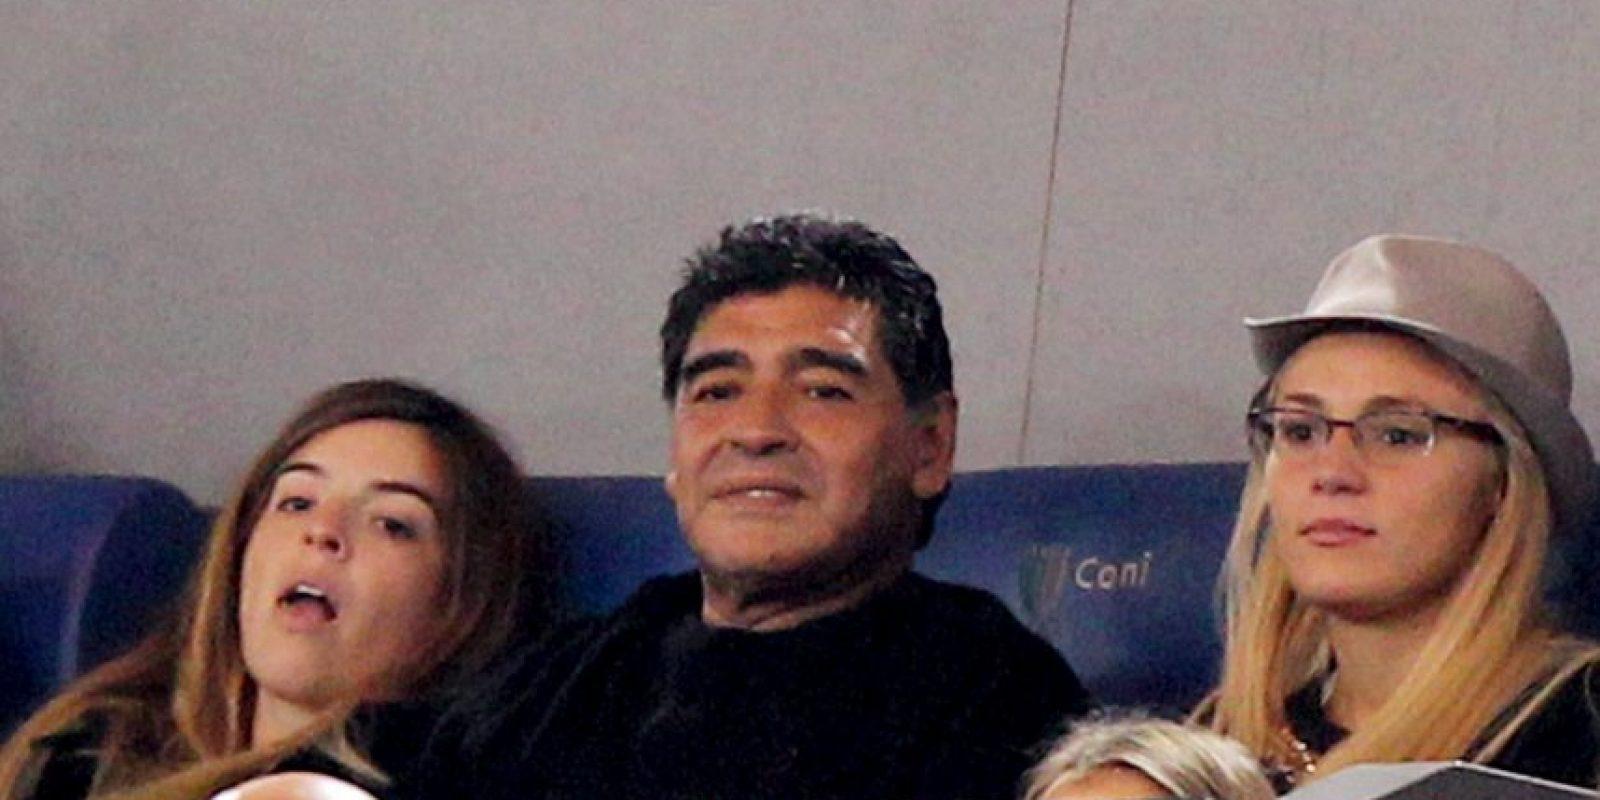 """Se trataba de """"El Chino"""" Maradona, sobrino de Diego y quien es considerado una persona """"non grata"""" por la pareja del exjugador. Foto:Getty Images"""